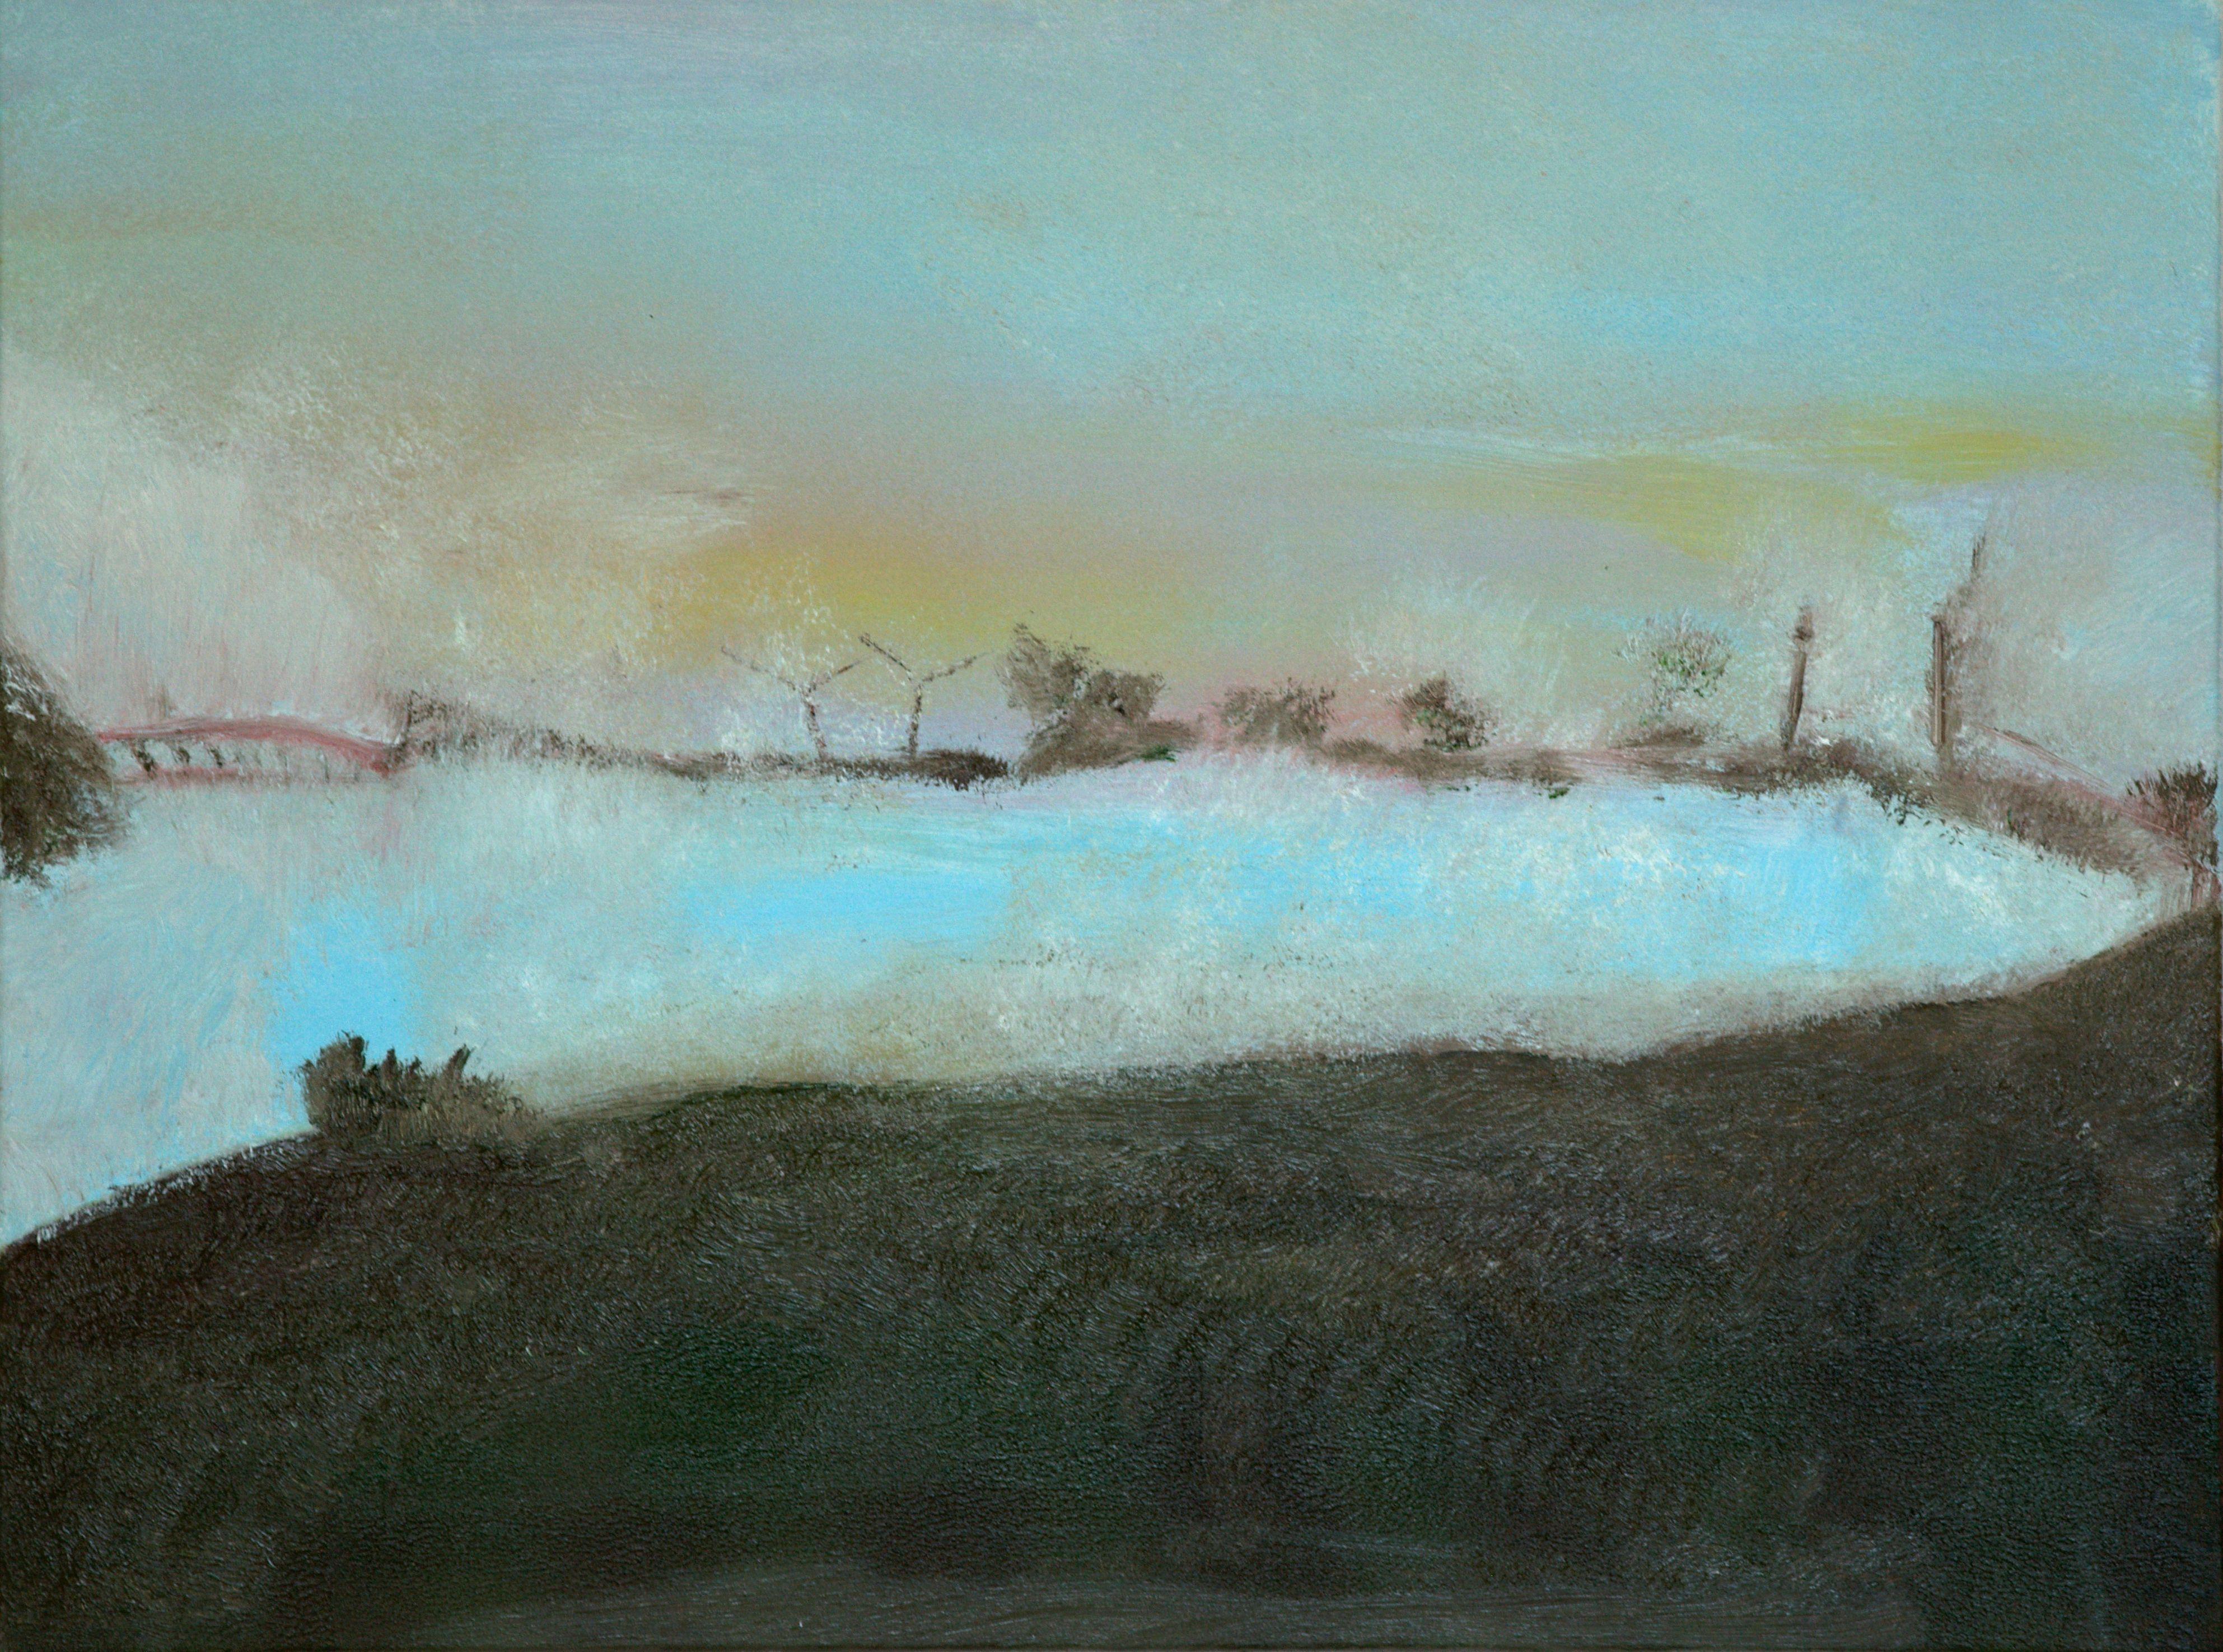 Marij Aarntzen, Windmolens, Zonder titel, olie op doek, 60 x 80 cm, 2012